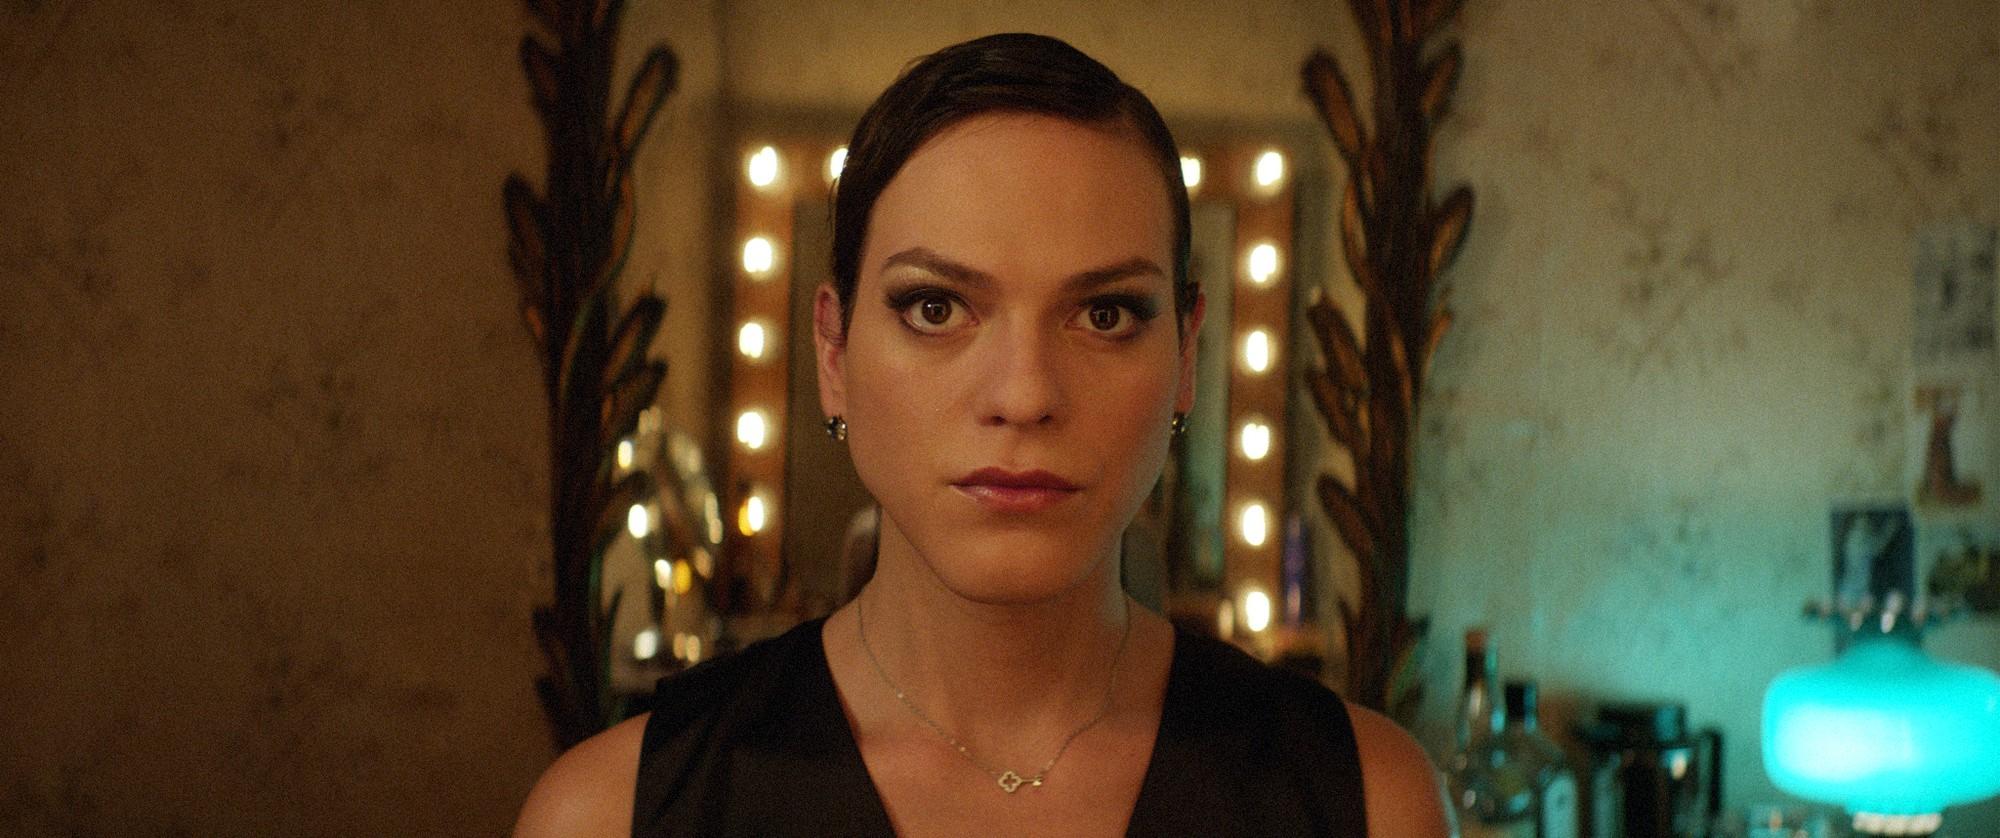 Phim đồng tính nữ liệu có đang thiệt thòi hơn so với các tác phẩm boylove? - Ảnh 10.